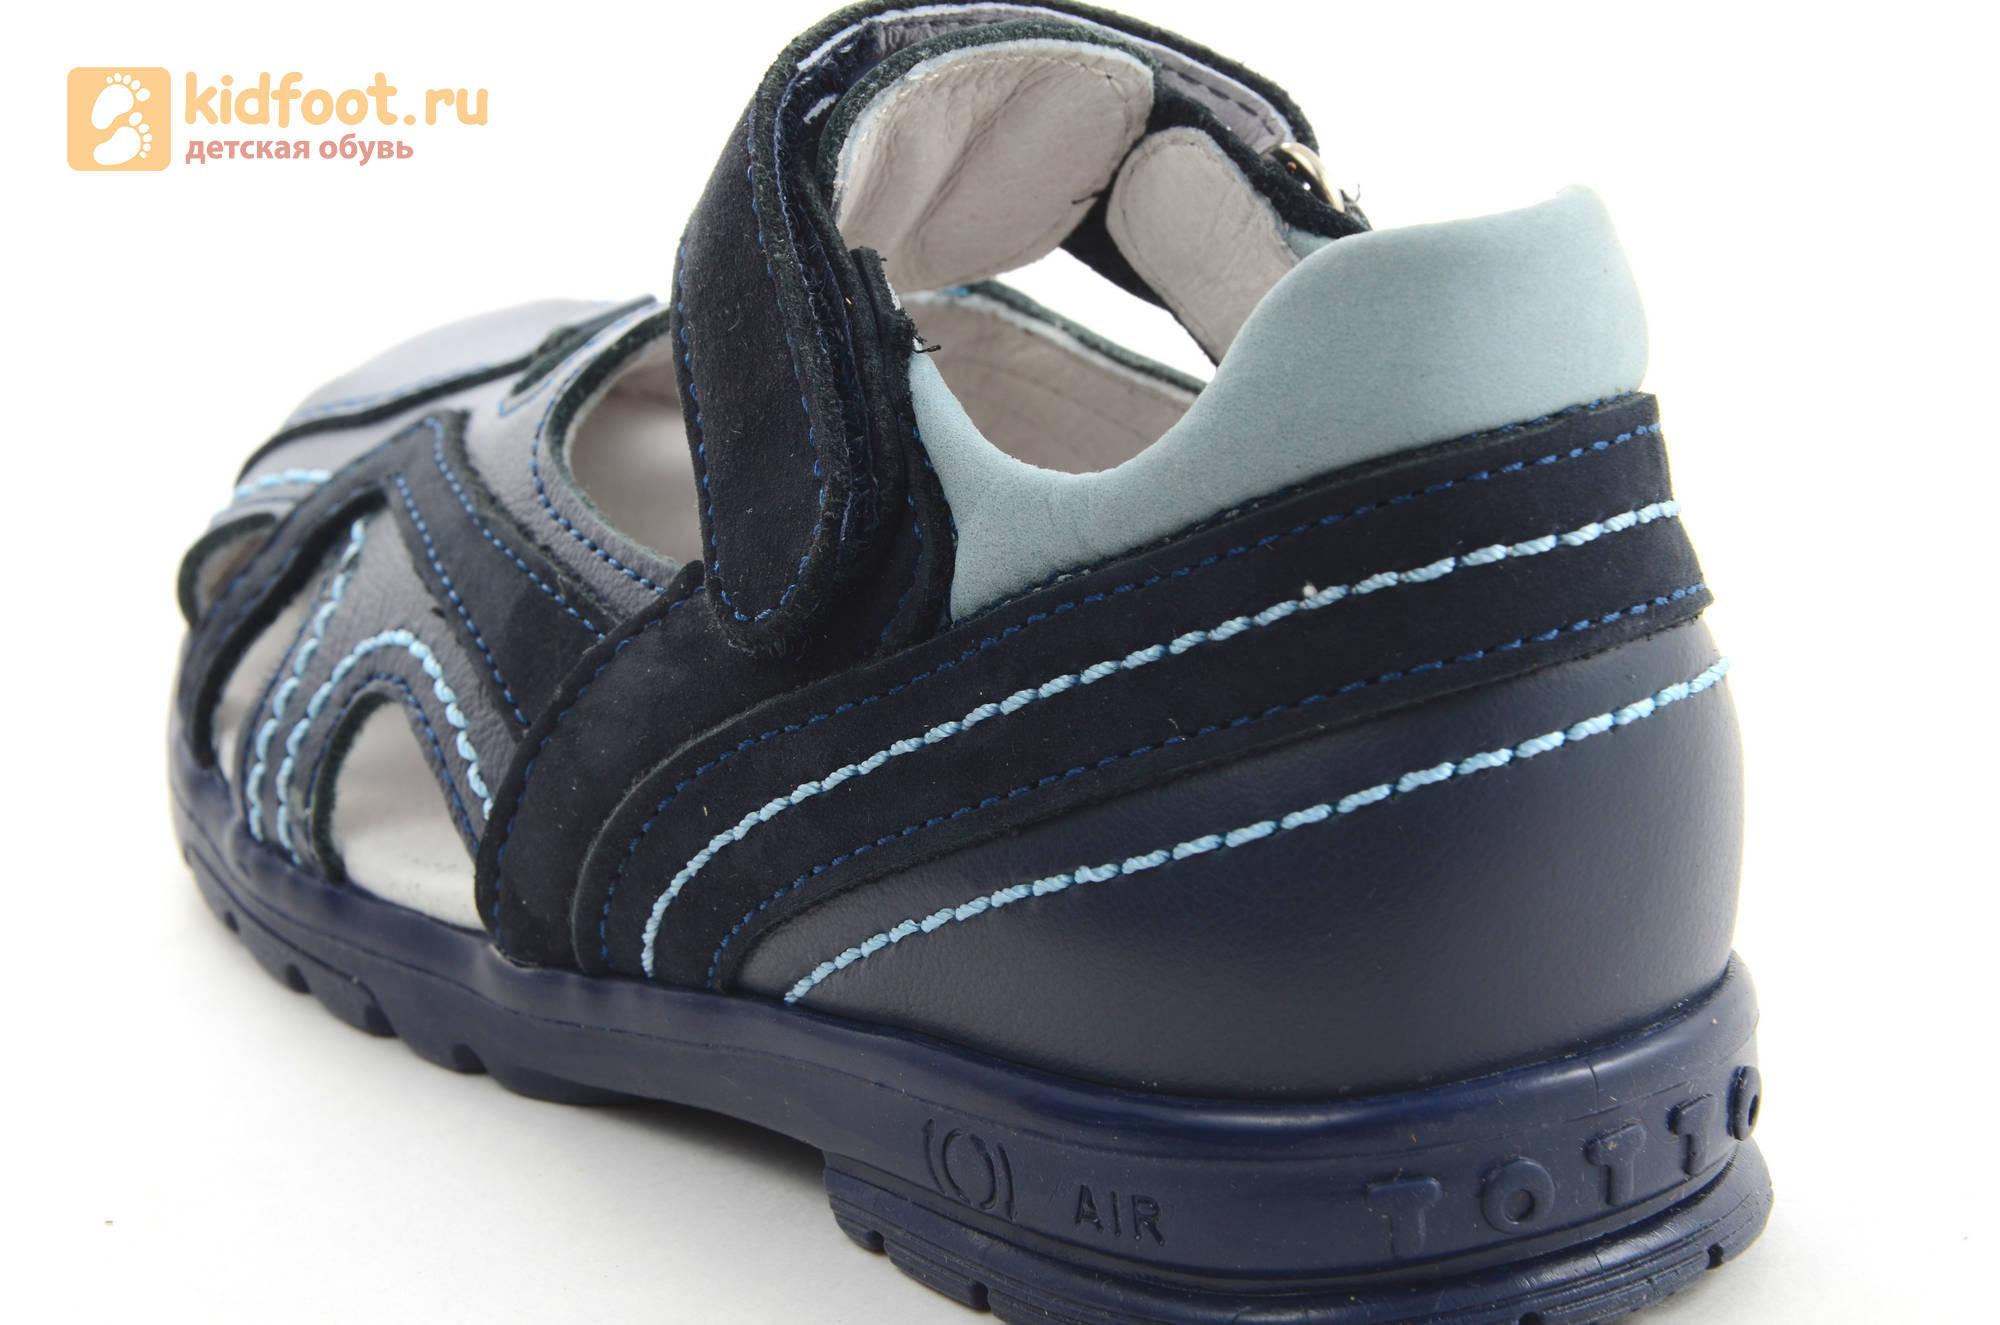 Сандалии для мальчиков из натуральной кожи с закрытым носом на липучке Тотто, цвет темно-синий голубой